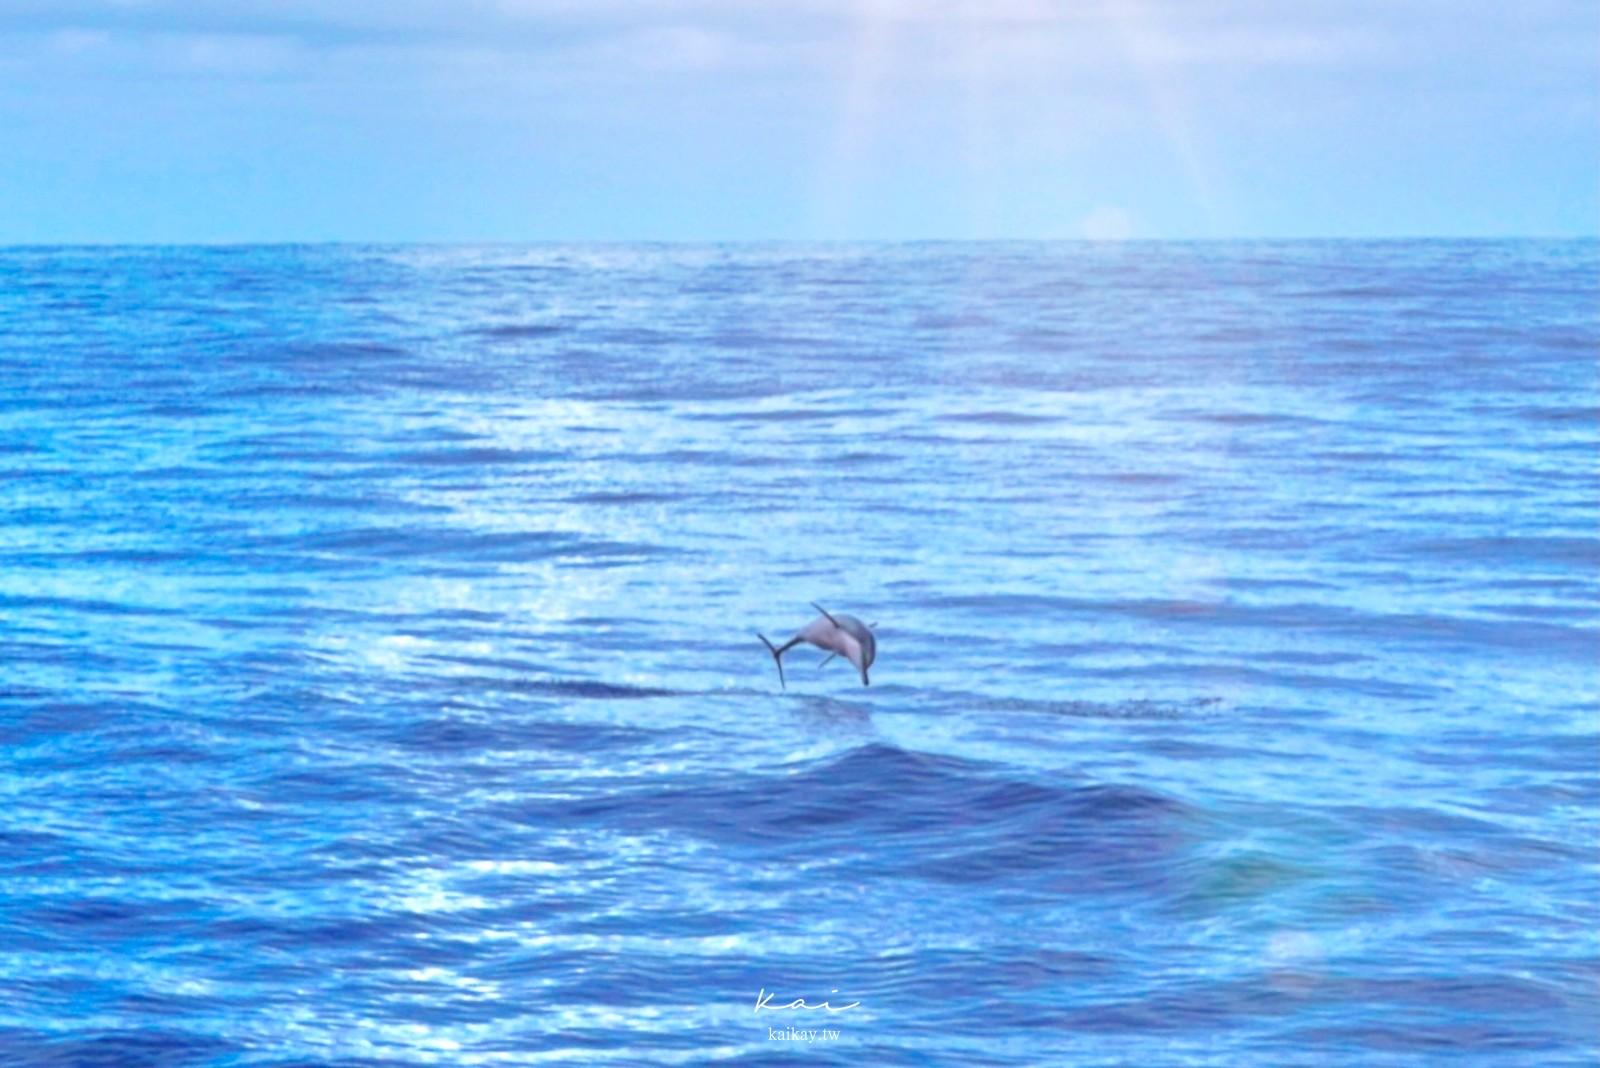 ☆【花蓮】發現新花蓮:夜訪流螢、碧海逐鯨。精選十大好玩好拍景點懶人包